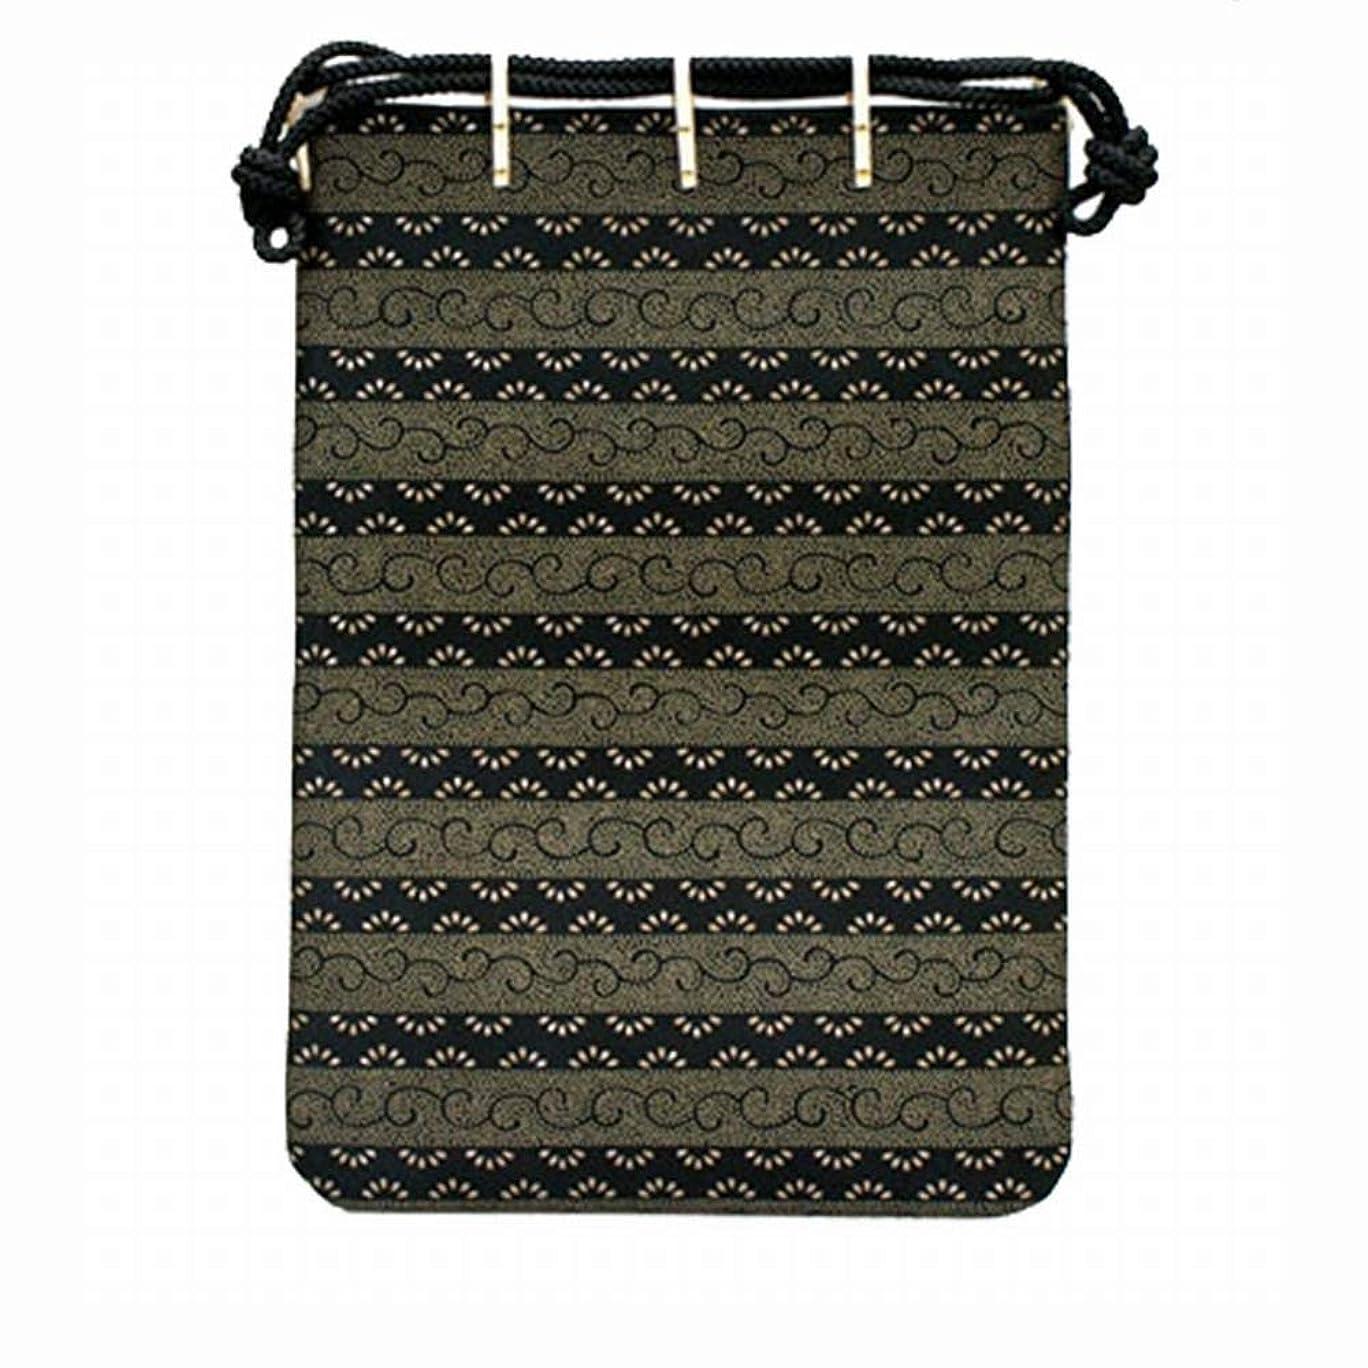 旅行独創的パワー[印傳屋] ポーチ 印伝 合切袋 大 手提げ袋 3004 本革 日本製 財布 上原勇七